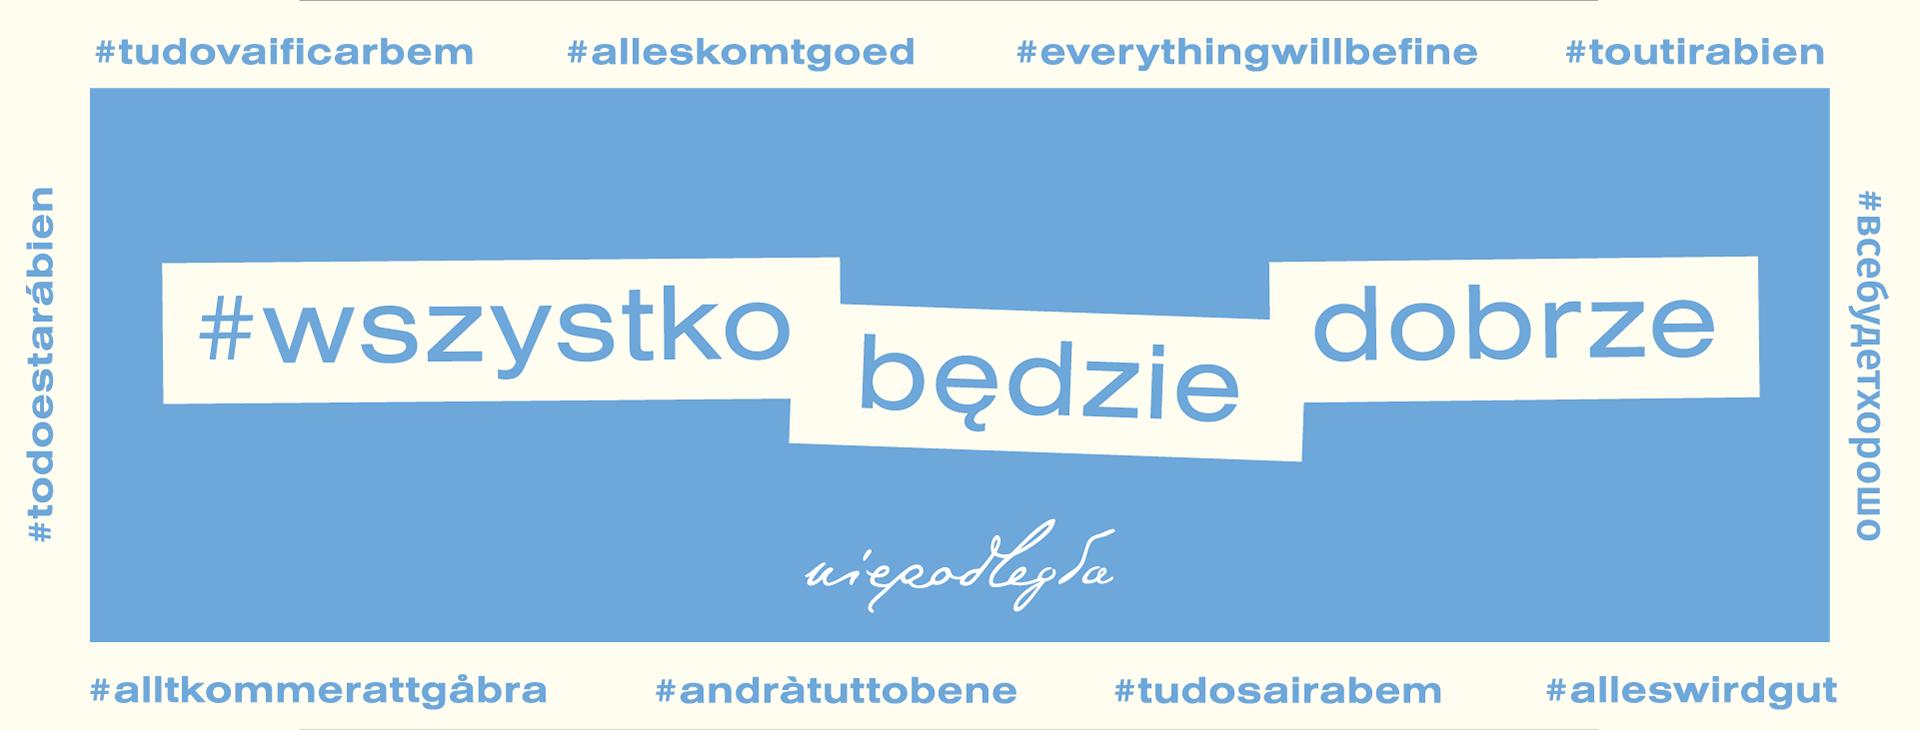 """niebieska grafika z napisem na białym polu """"#wszystko będzie dobrze"""", na dole logo """"niepodległa"""", dookoła napisy """"#wszystko będzie dobrze"""" w różnych językach"""